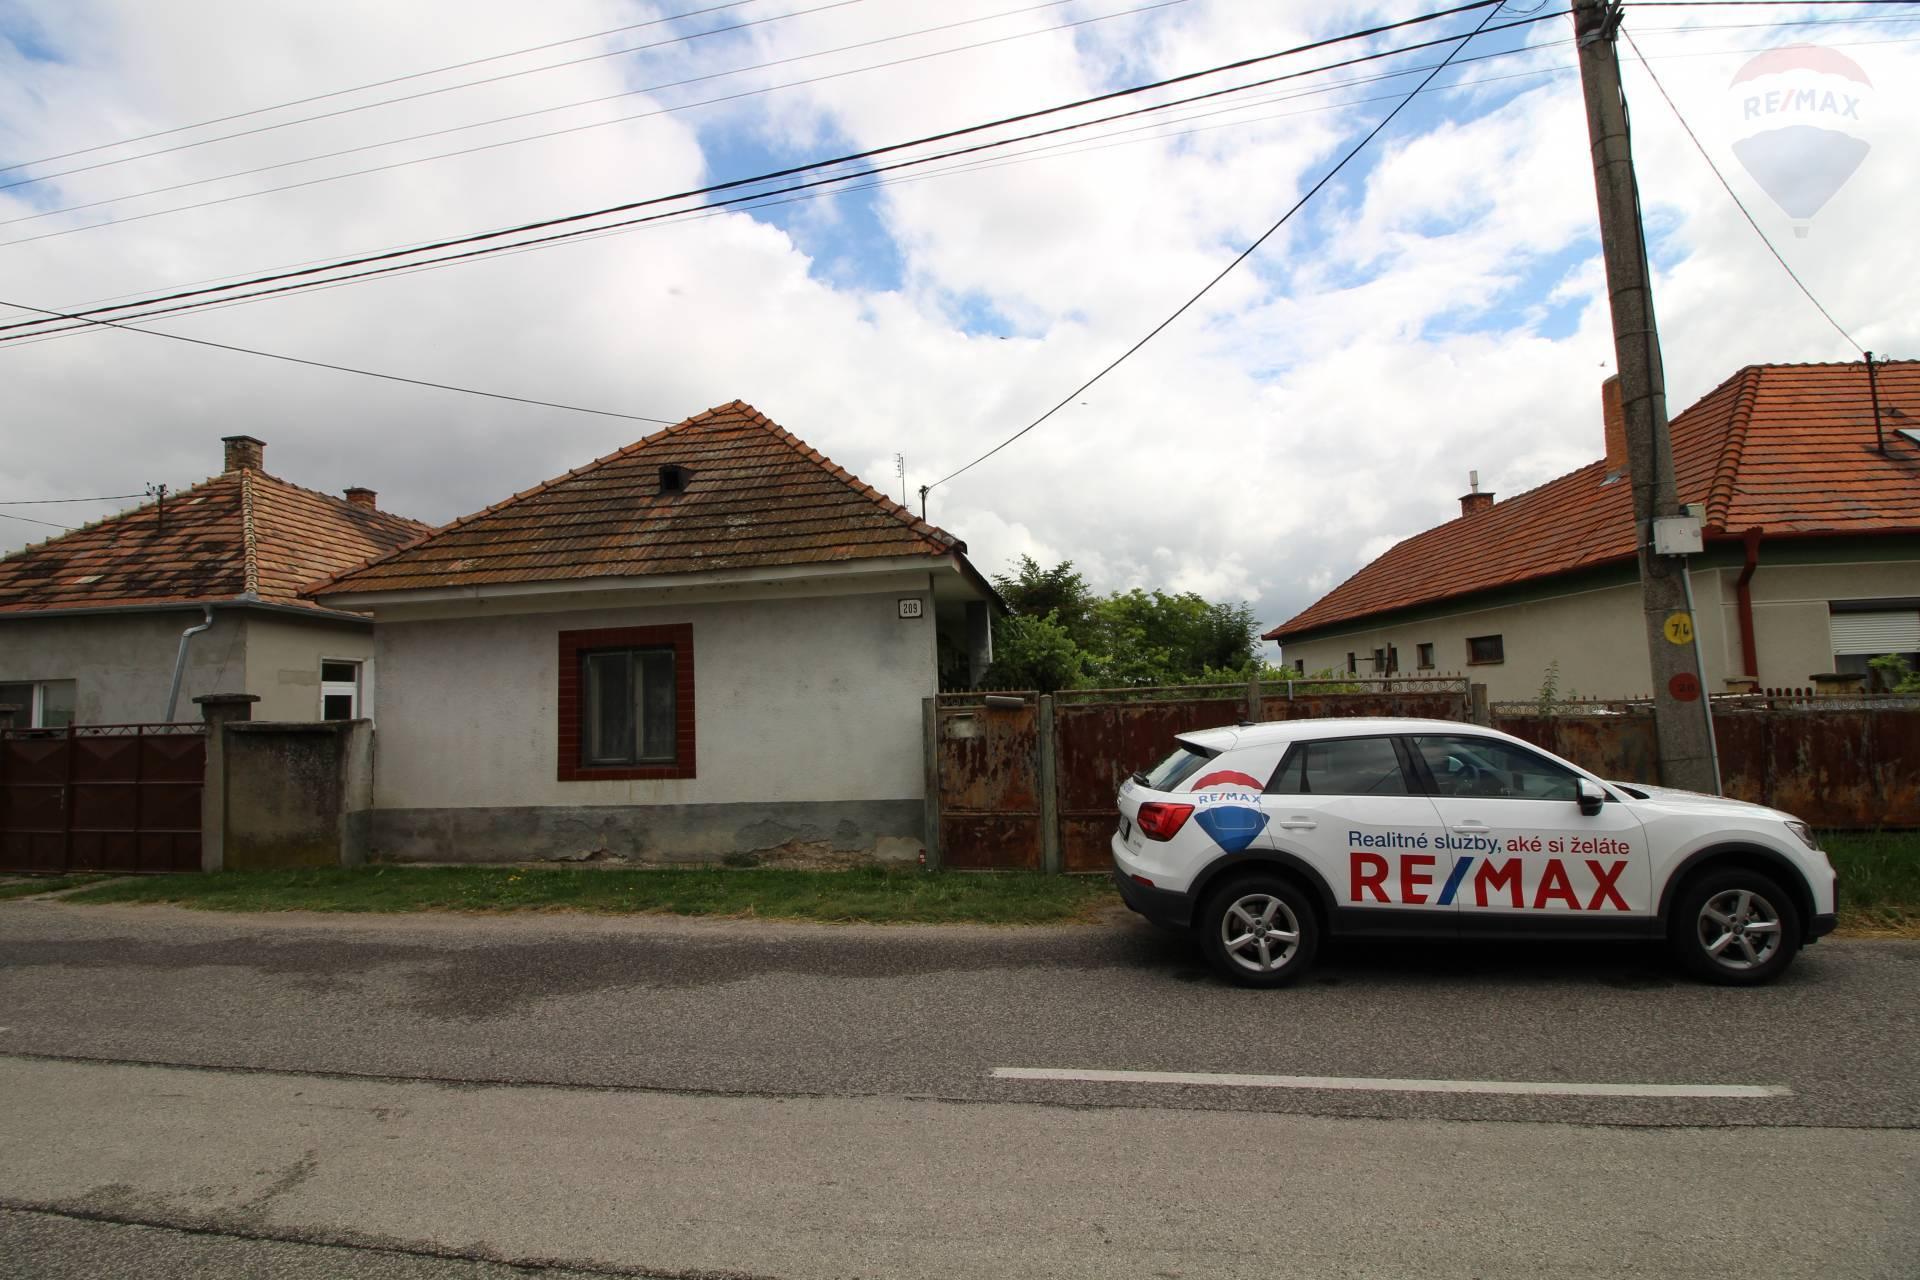 Predaj: 2-izbový rodinný dom, veľký pozemok, Povoda, okres Dunajská Streda